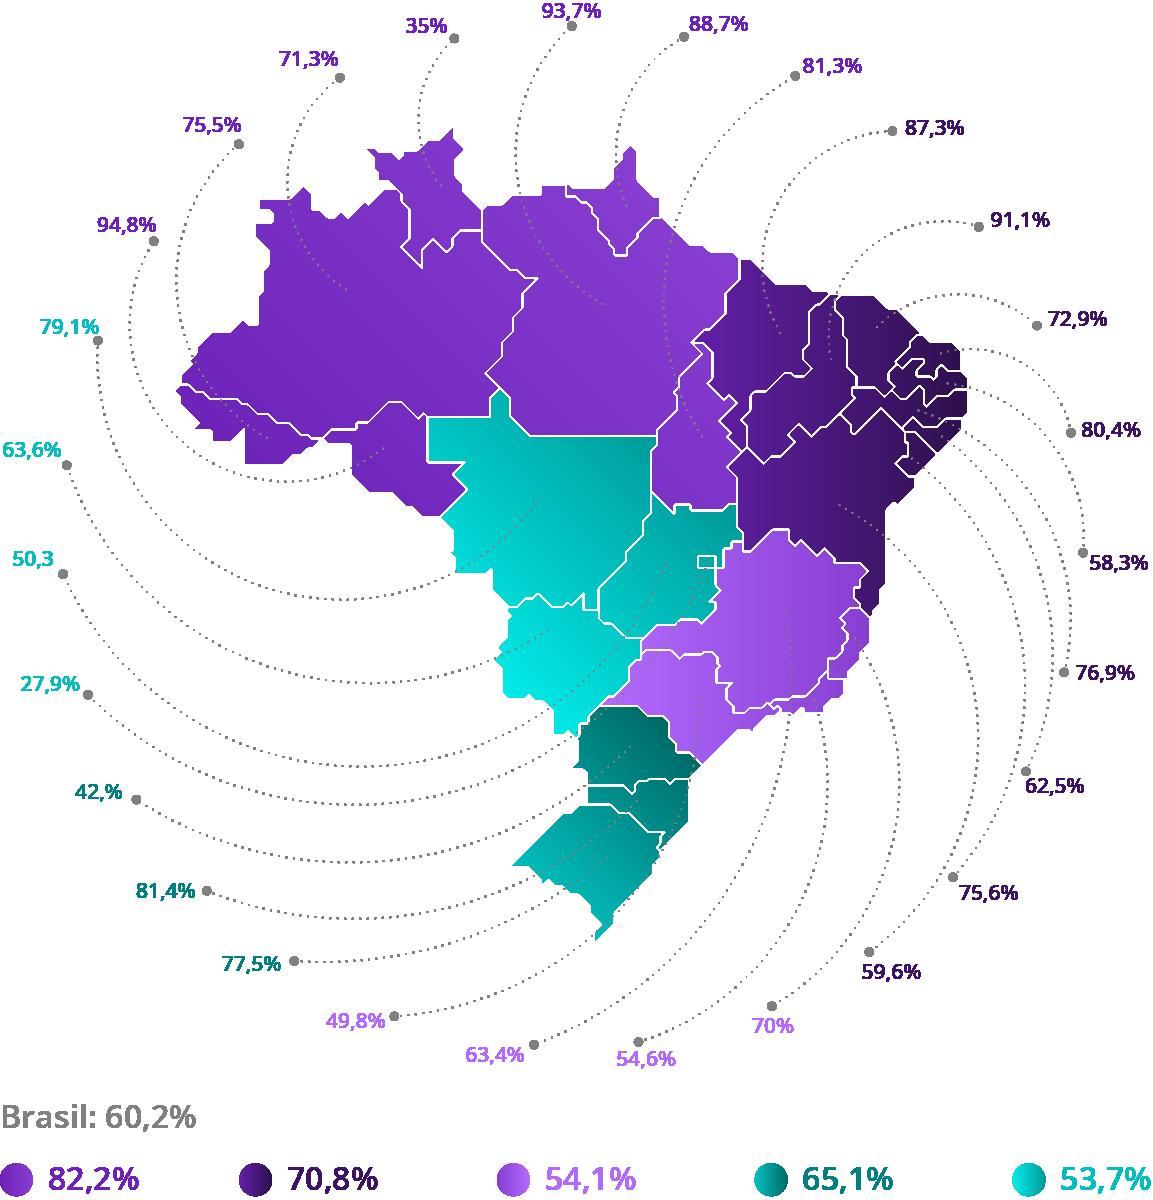 Fonte: IBGE, 2017. Elaboração: Ex Ante Consultoria Econômica.